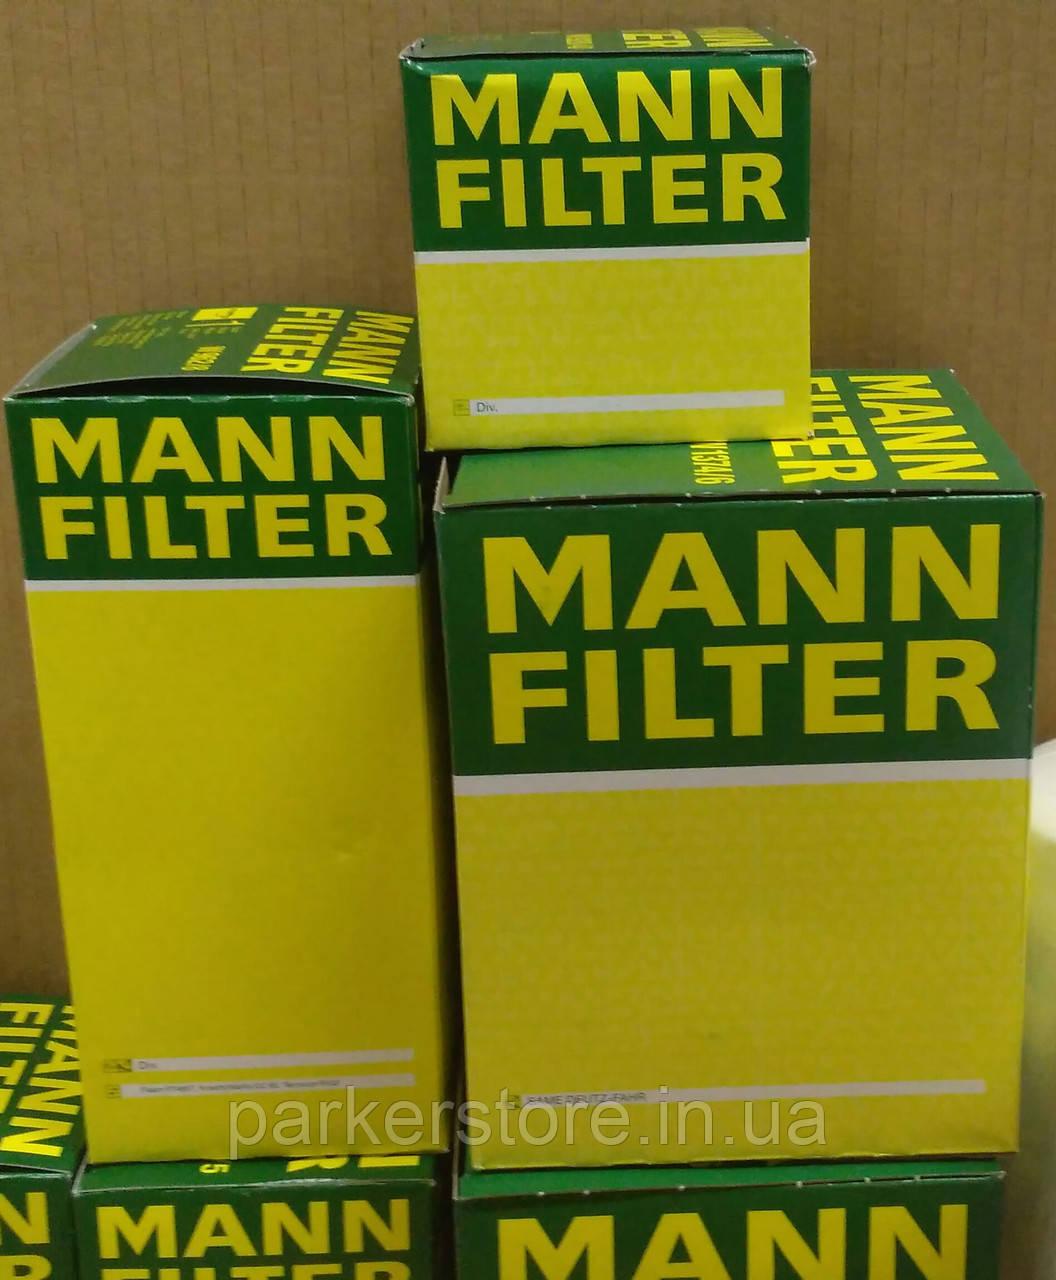 MANN FILTER / Воздушный фильтр / C 20 161 / C20161